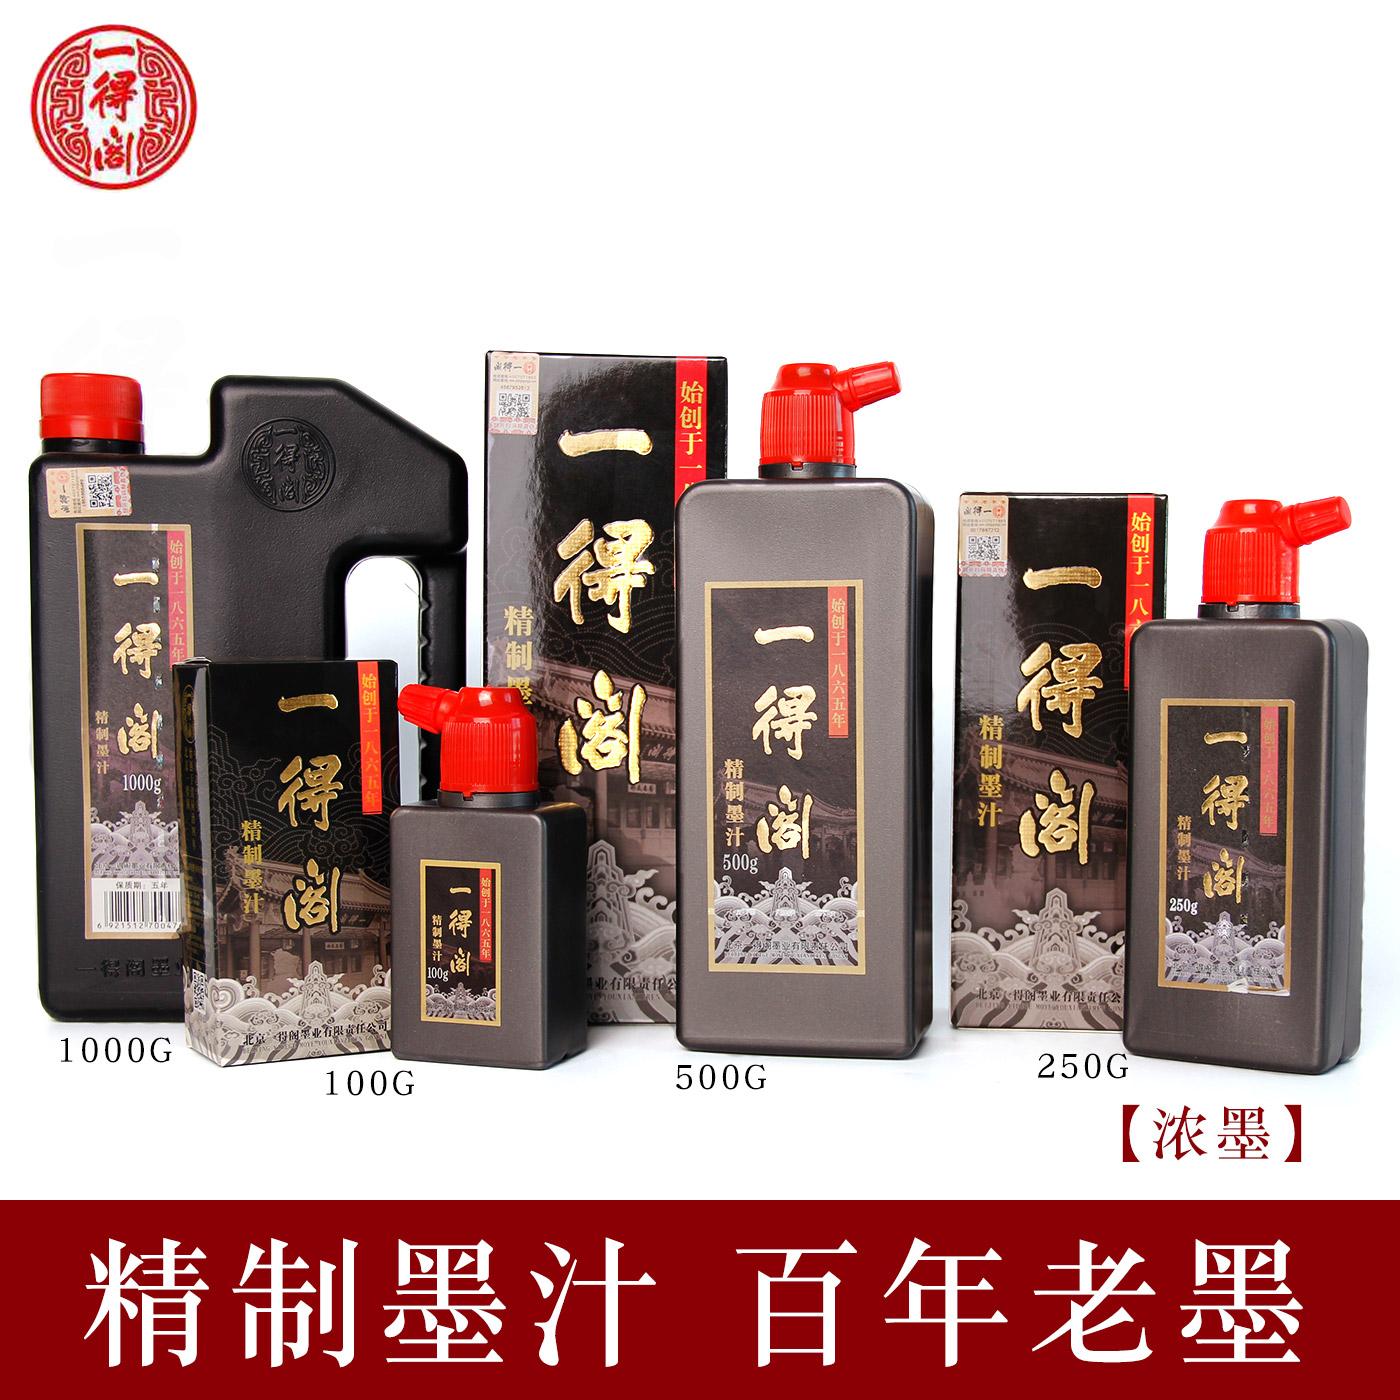 一得阁墨汁正品500 250g 1000克北京墨水 毛笔大瓶书法专用练习墨